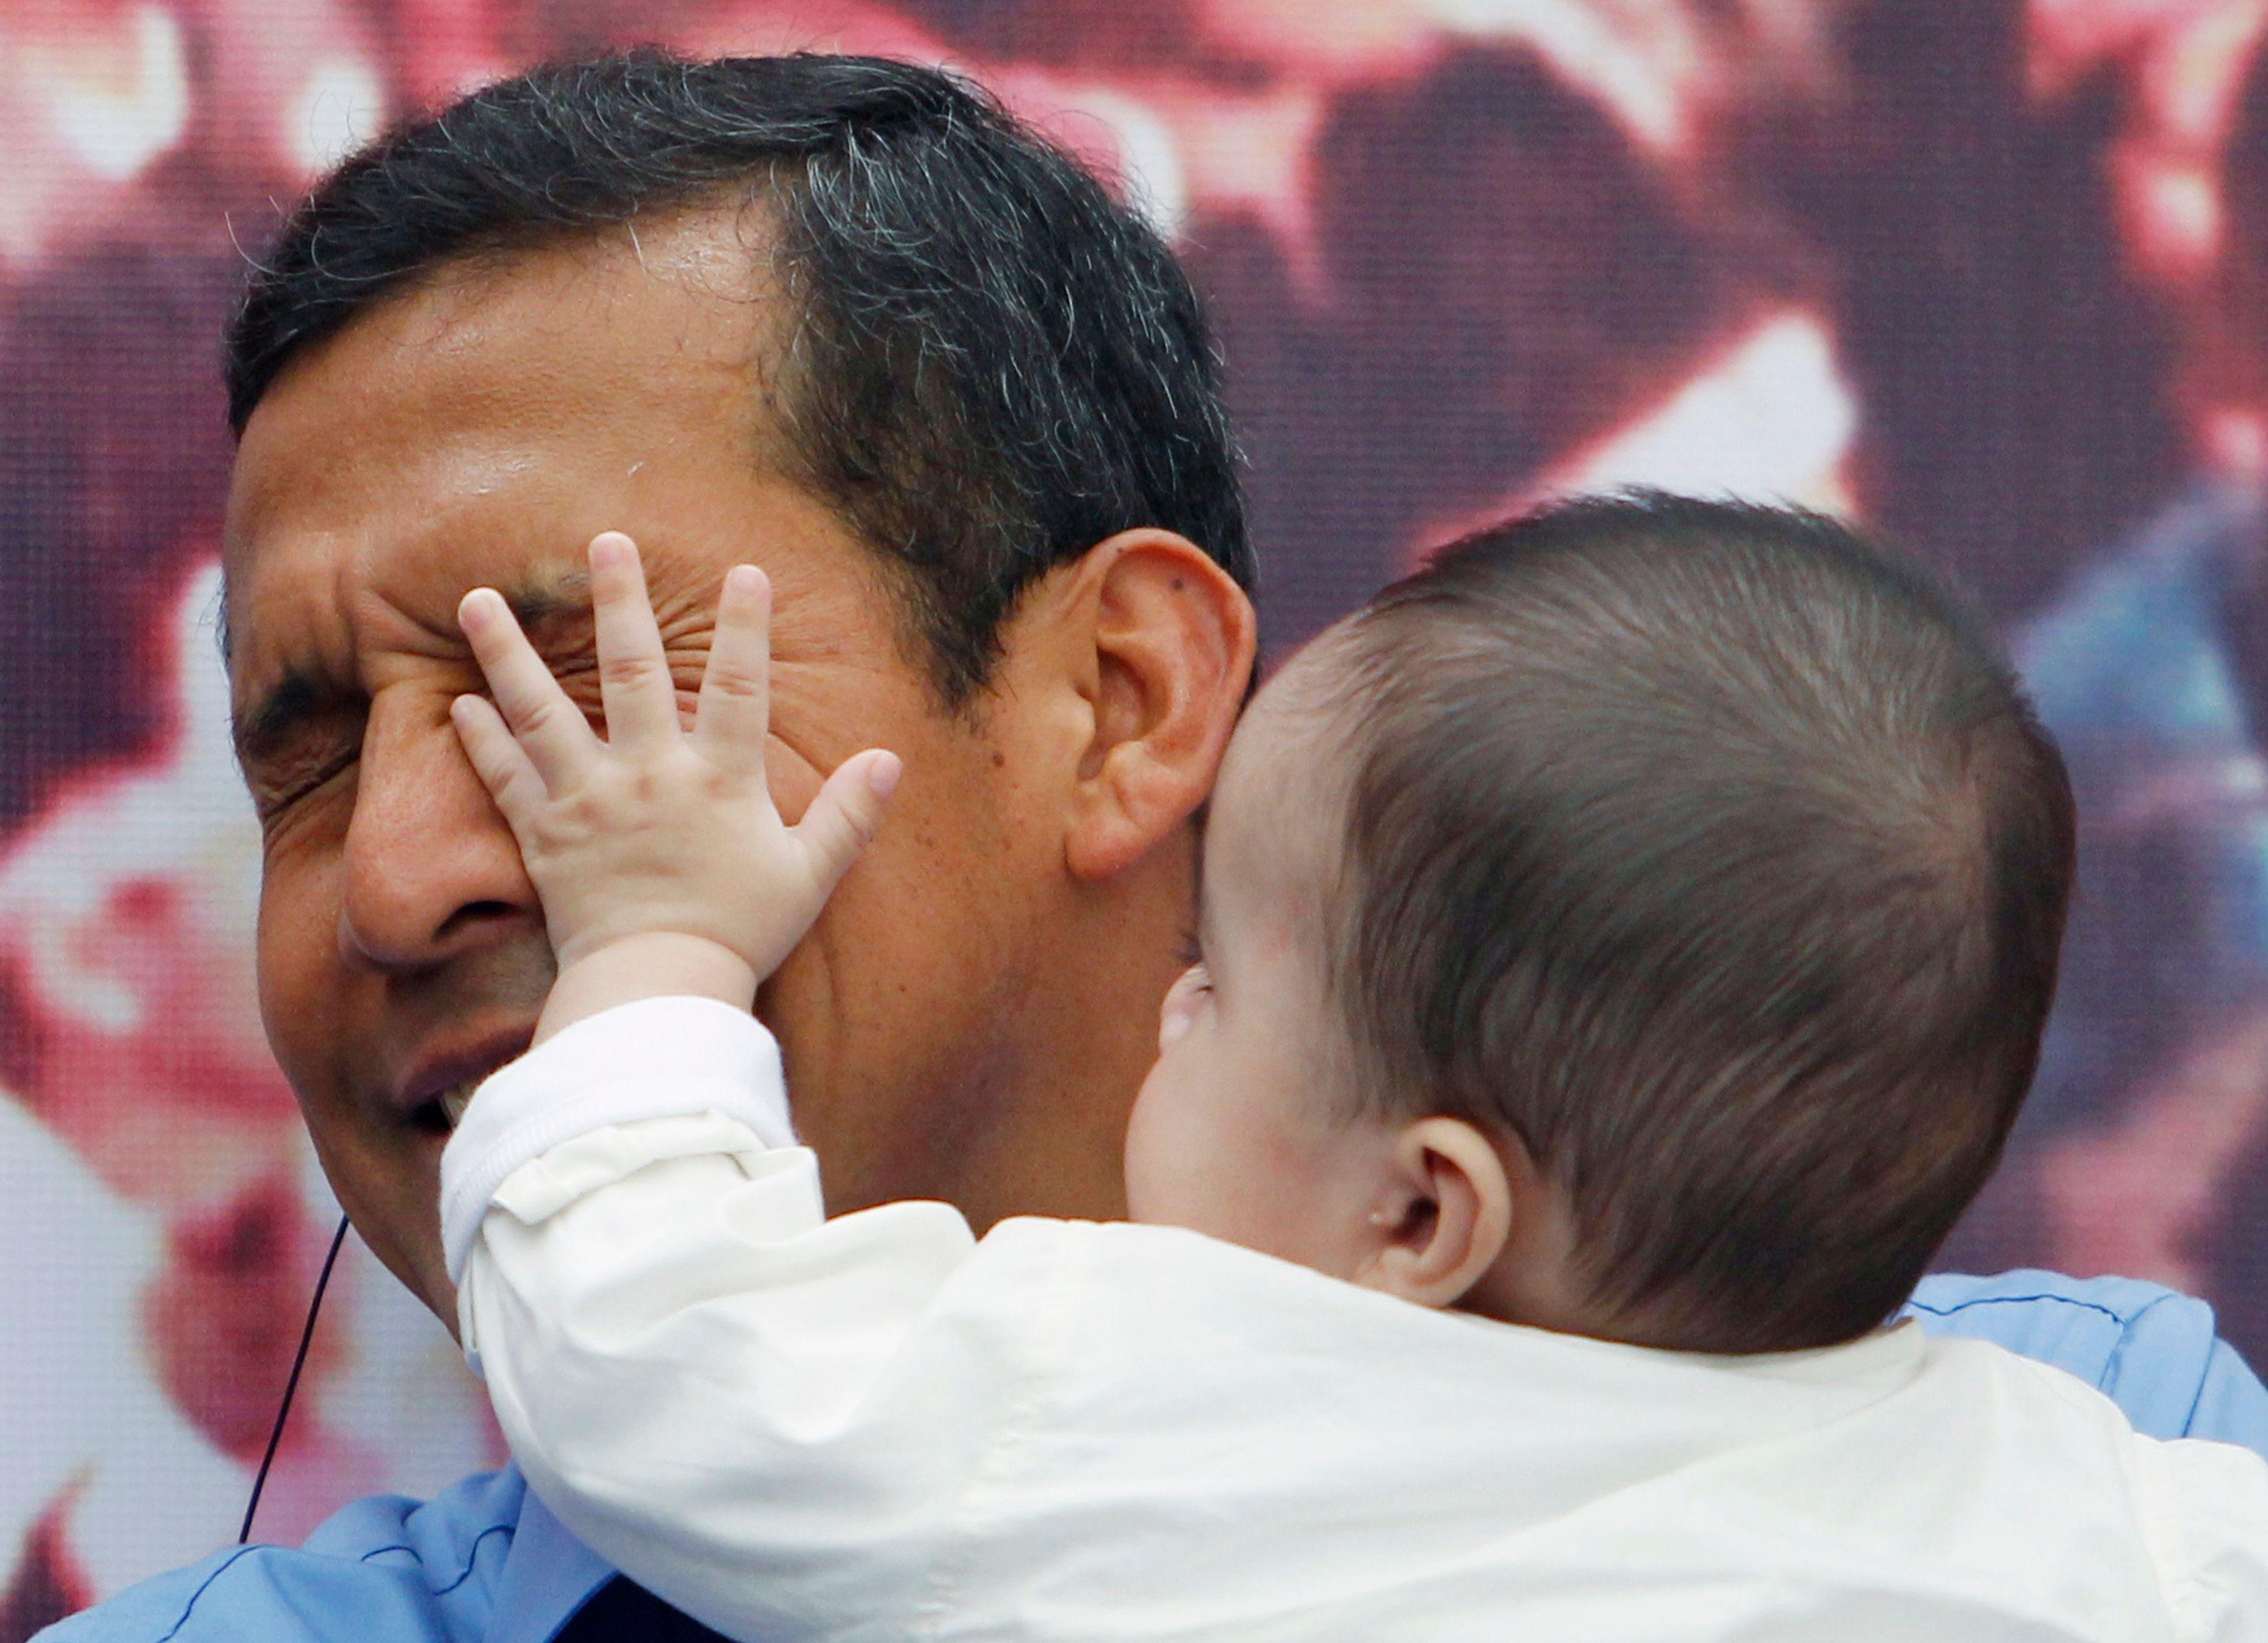 La principale angoisse des hommes à l'idée d'être père c'est la perte de leur liberté.